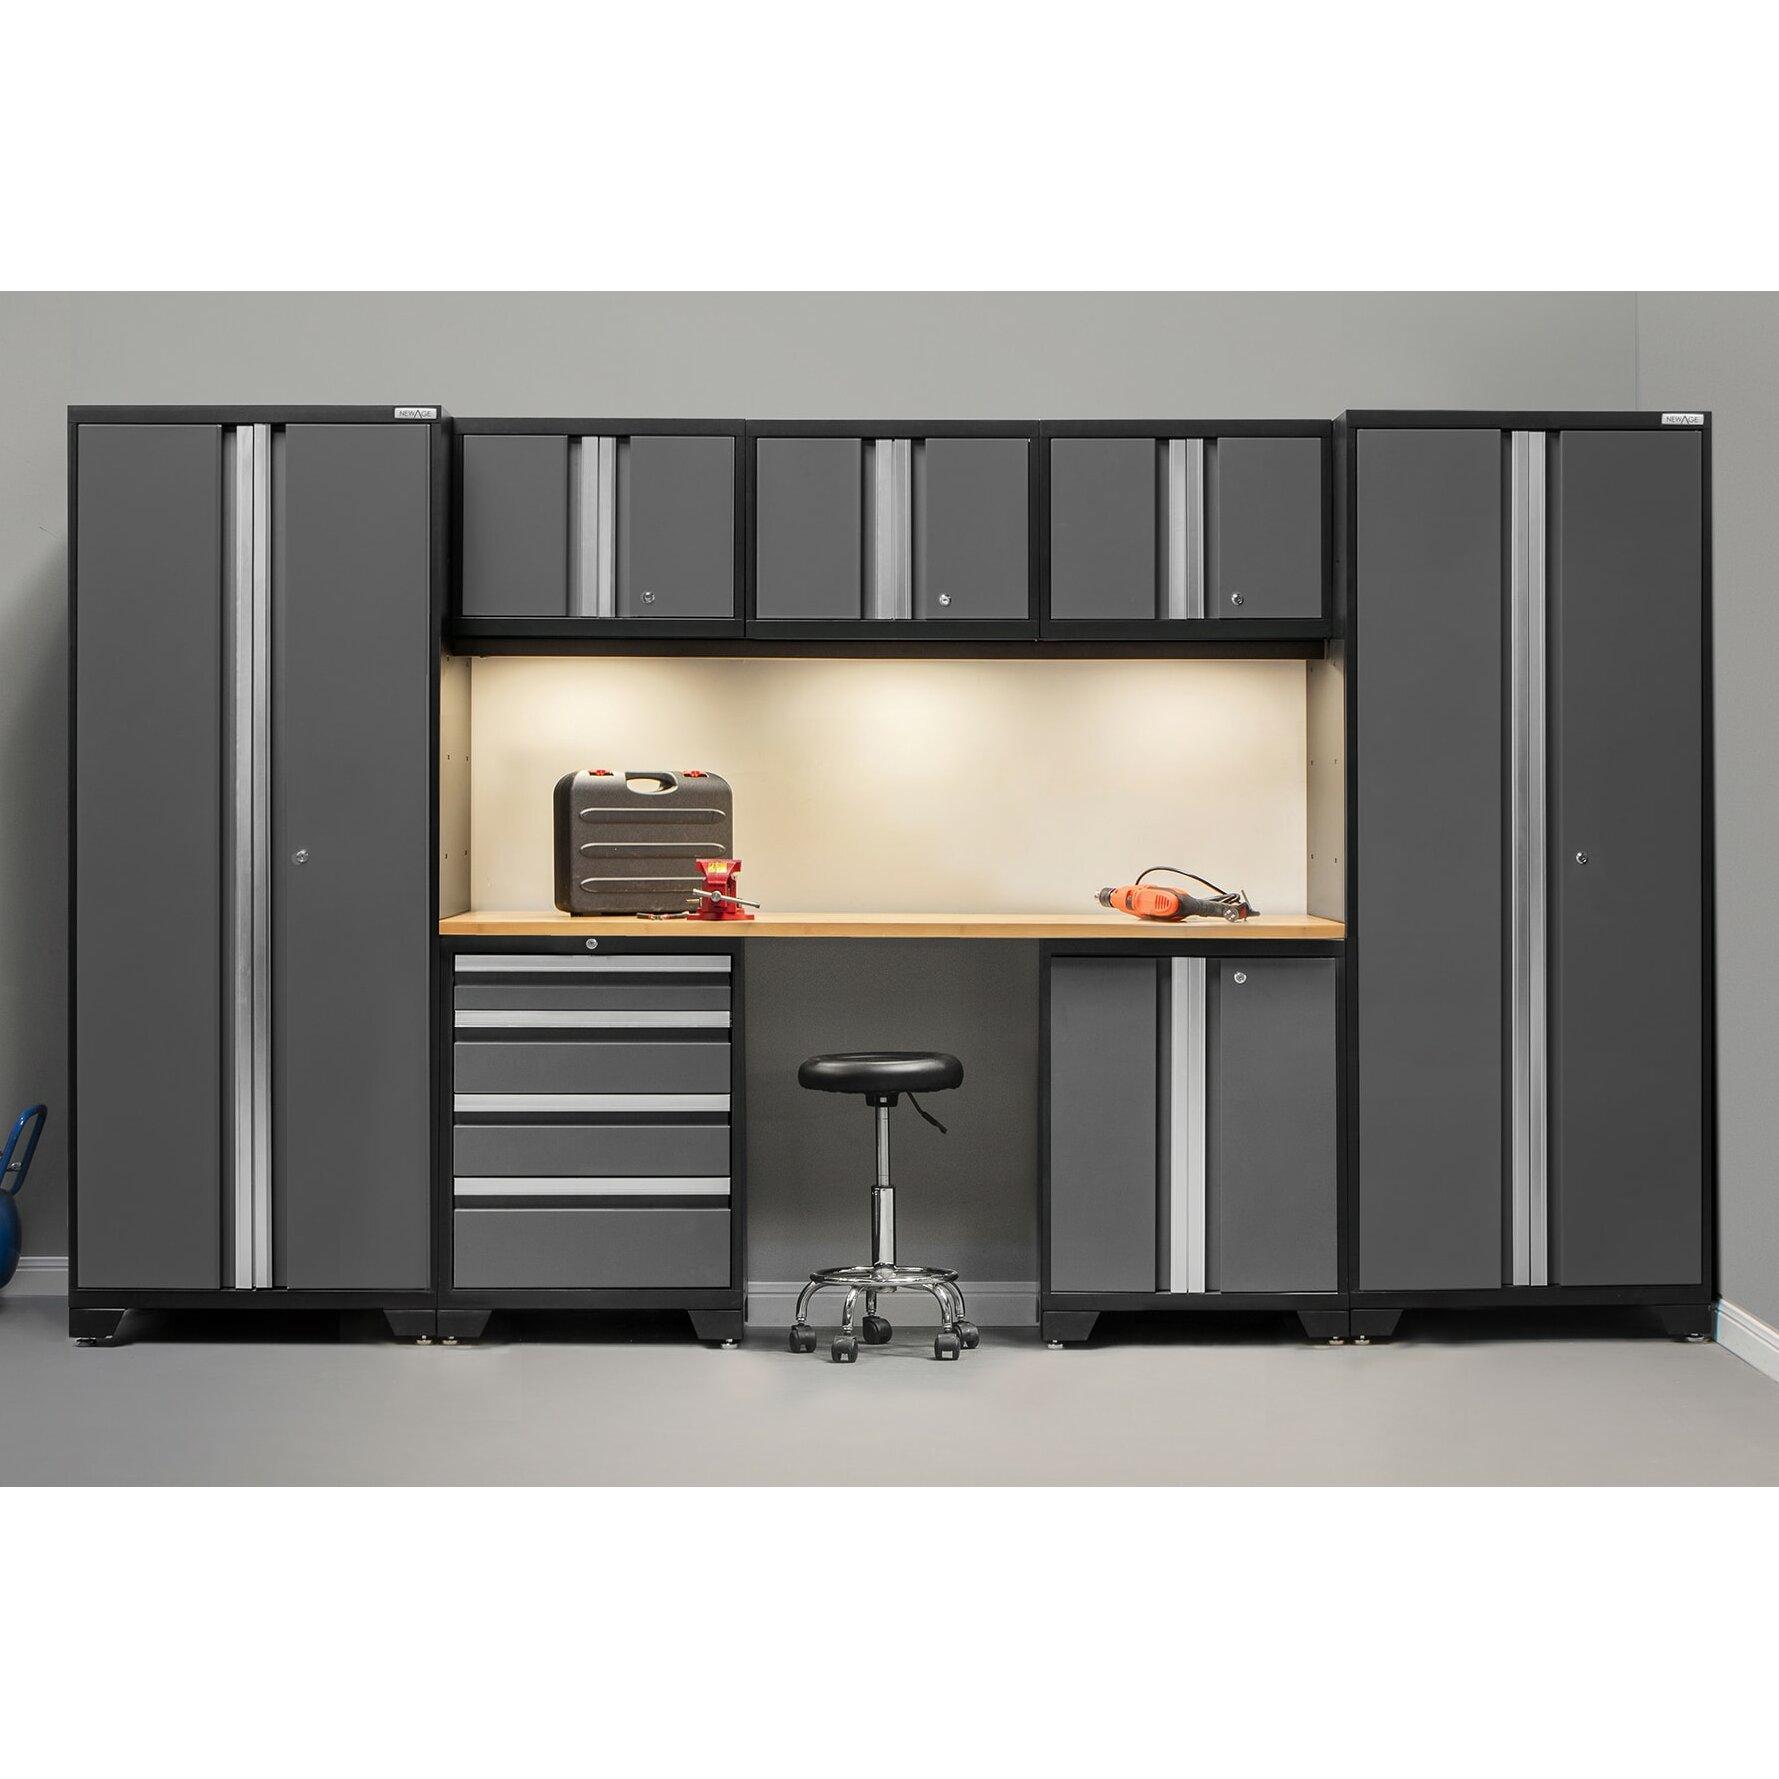 Wonderful Newage Products Bold 3 0 Series 8 Piece Garage Storage Cabinet Set With  Worktop